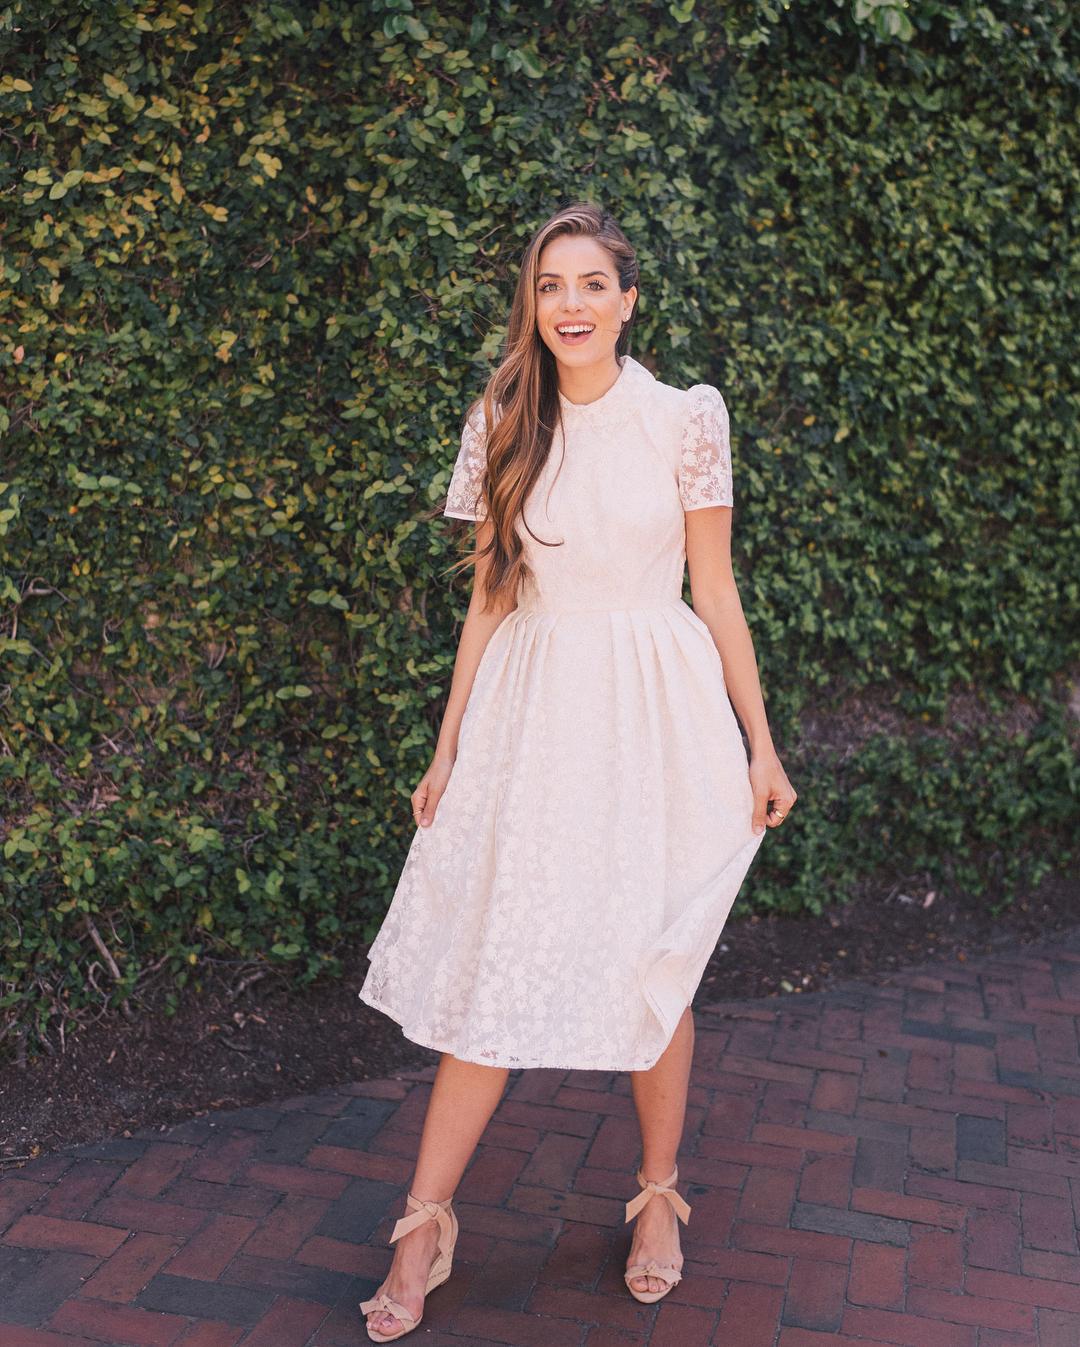 8bf546922 Vestido para casamento civil: 80 modelos lindos para esse dia especial